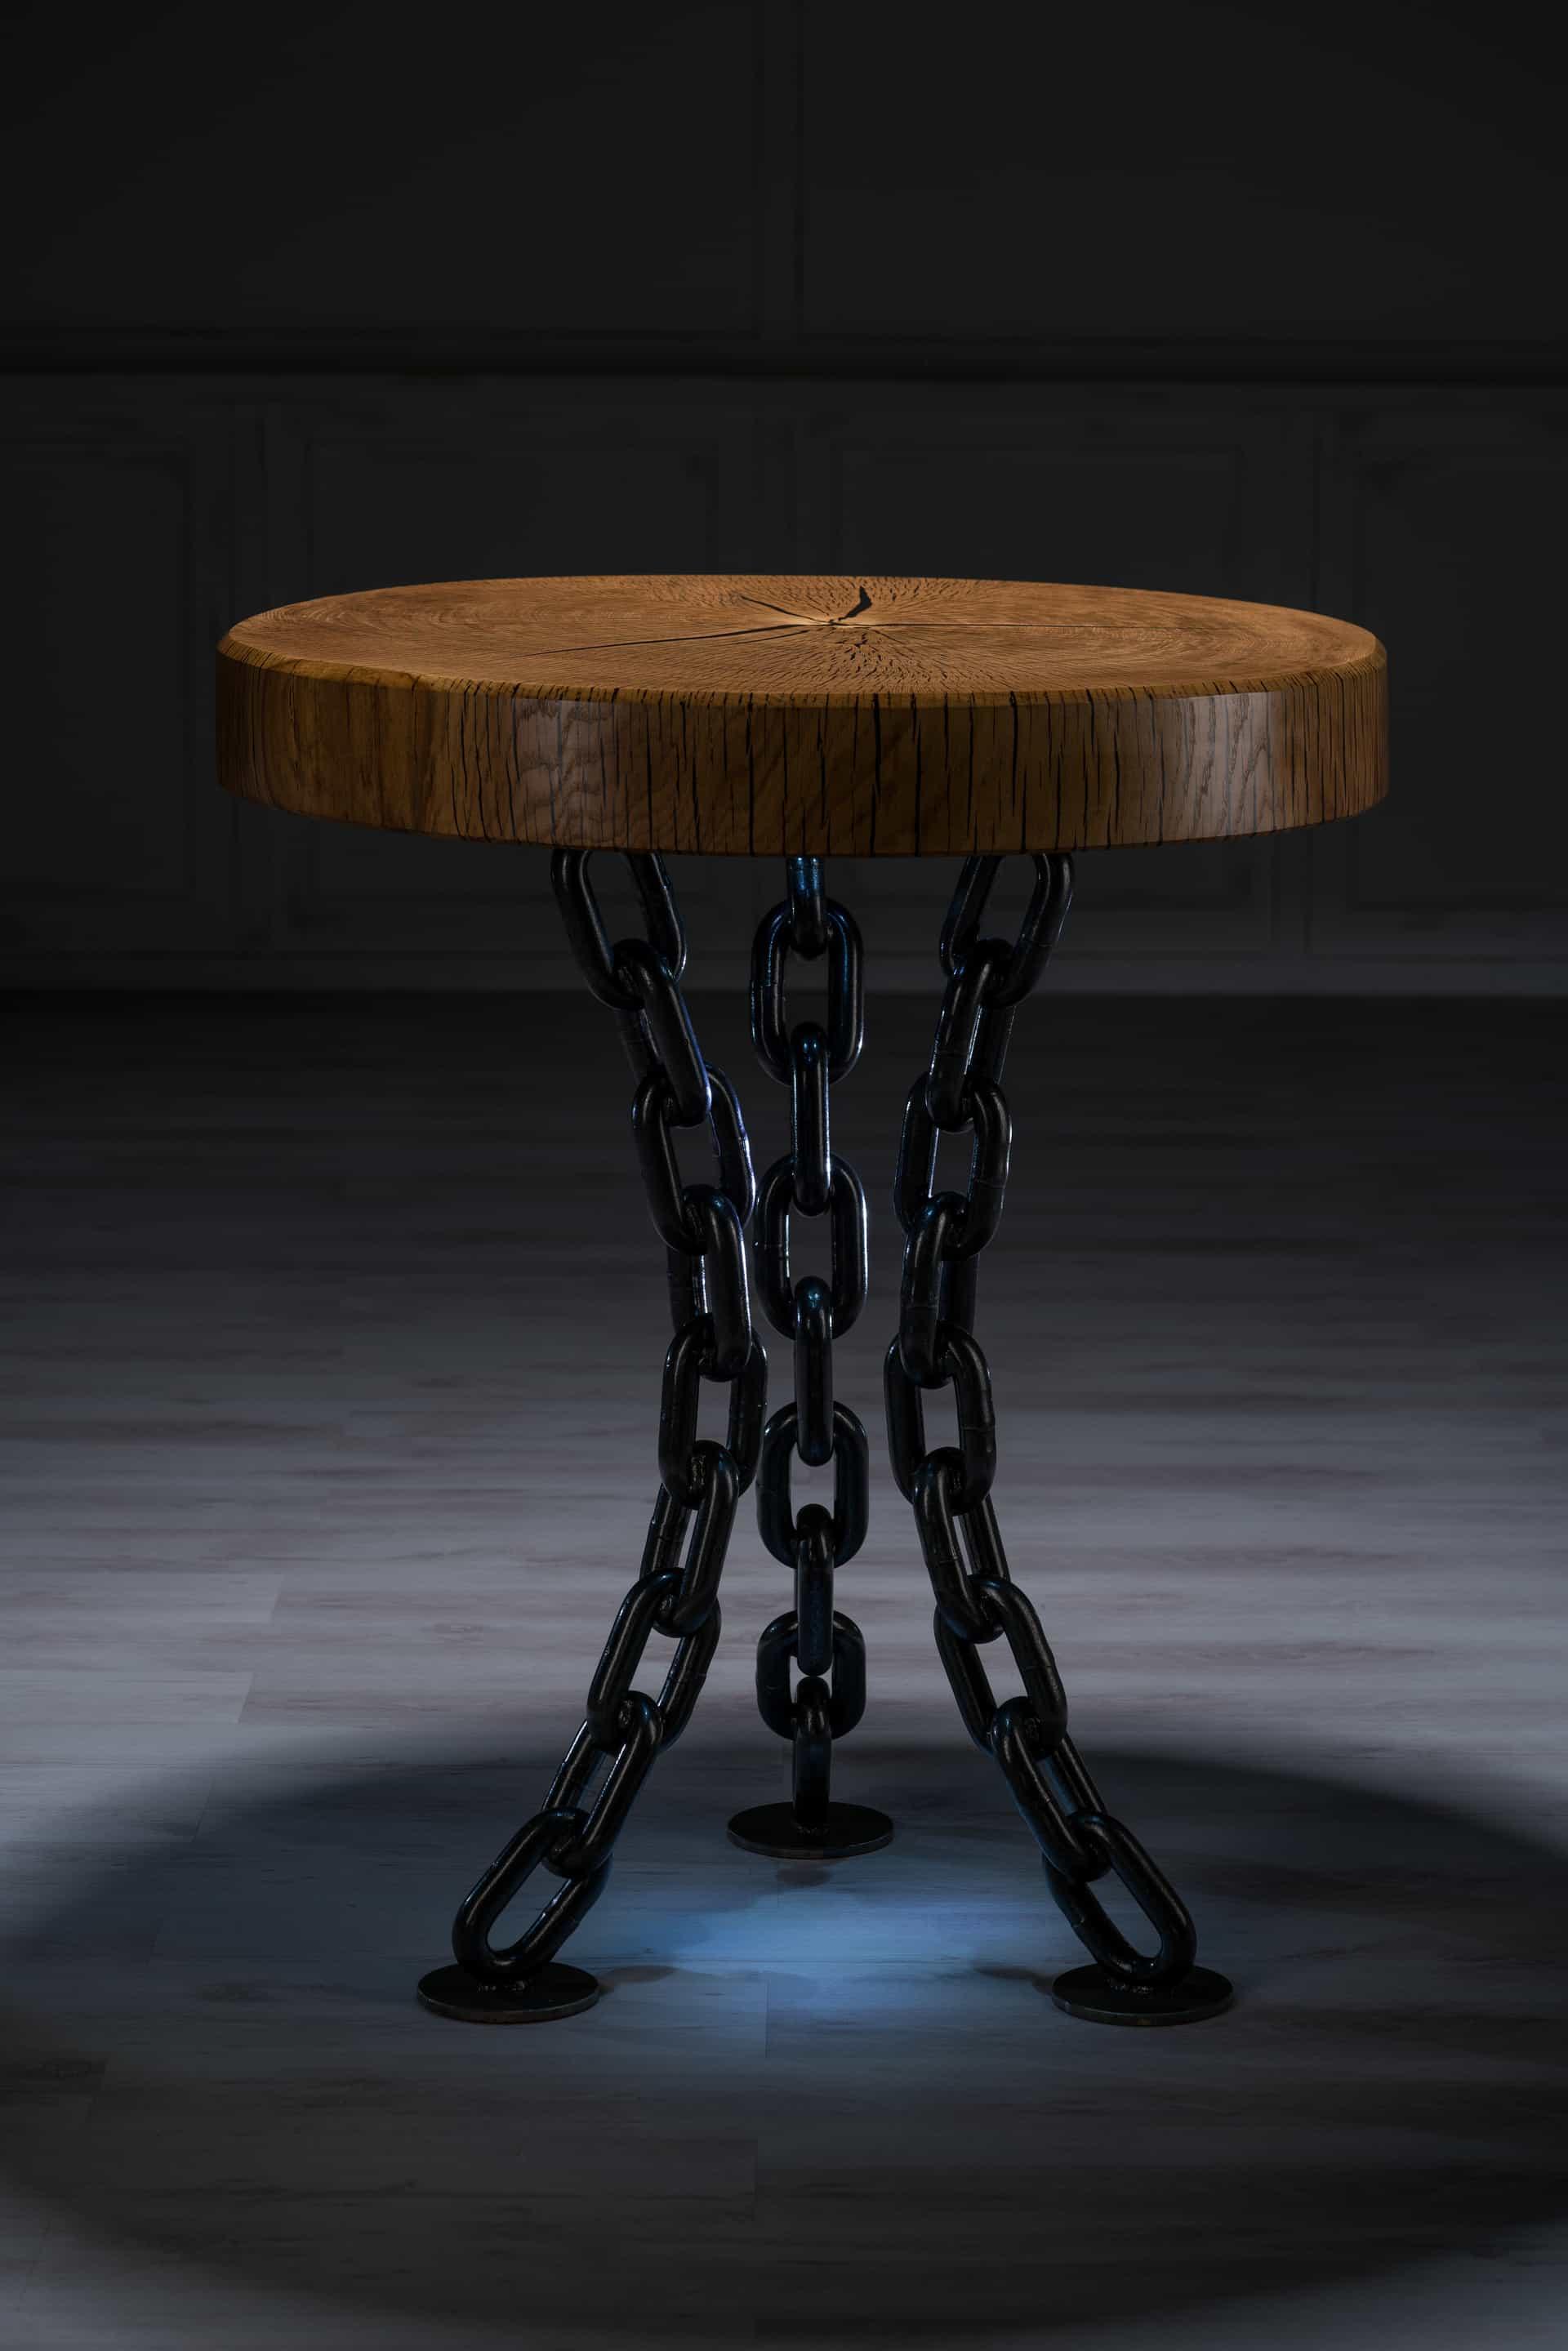 Tisch Mit Epoxidharz tisch mit epoxidharz 200cm x 100cm x 77cm eiche tischplatteshop name